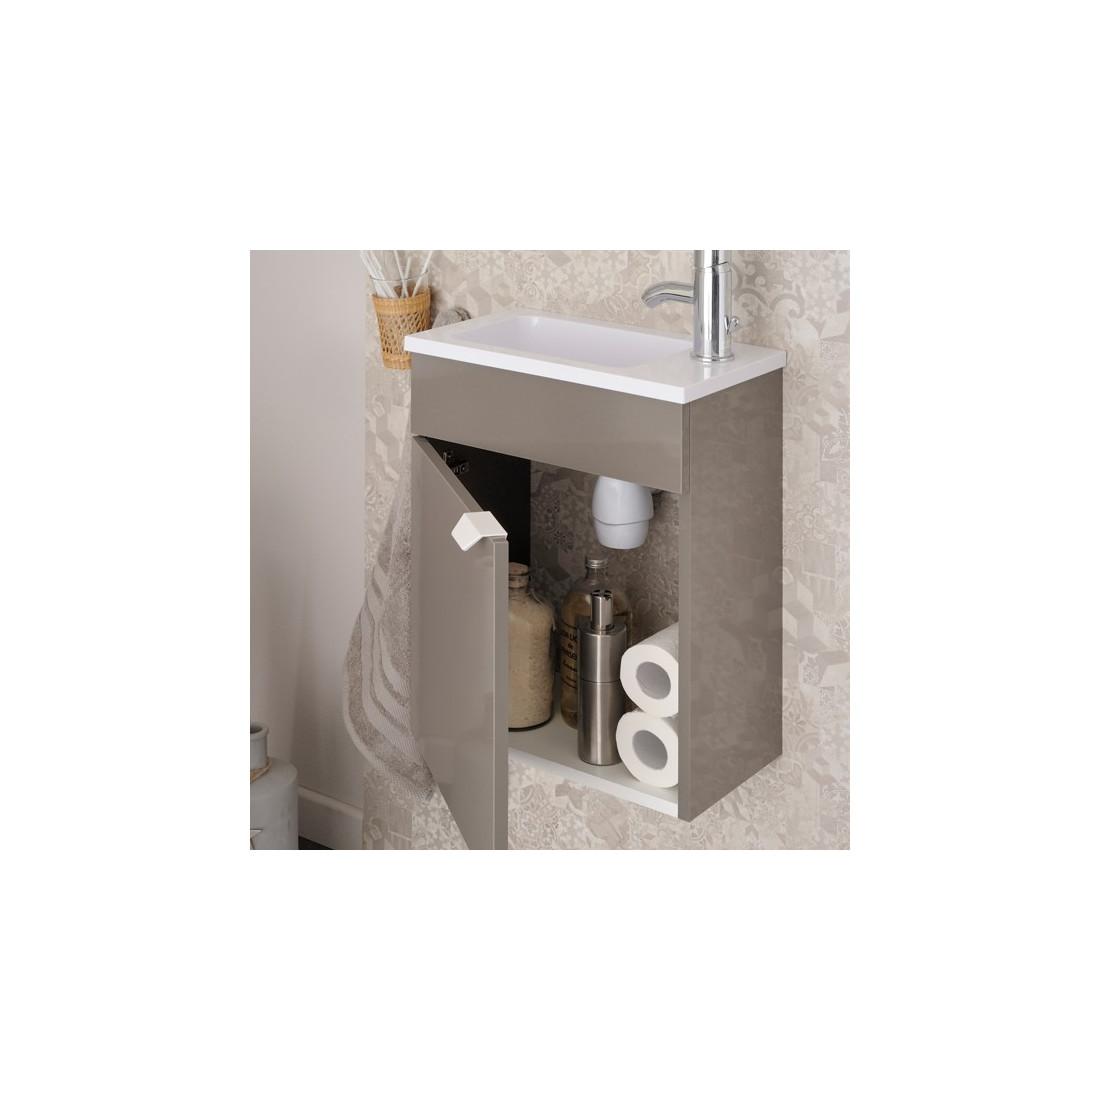 Meuble lave mains pour wc uriel n 2 univers salle de bain for Meuble lave main wc